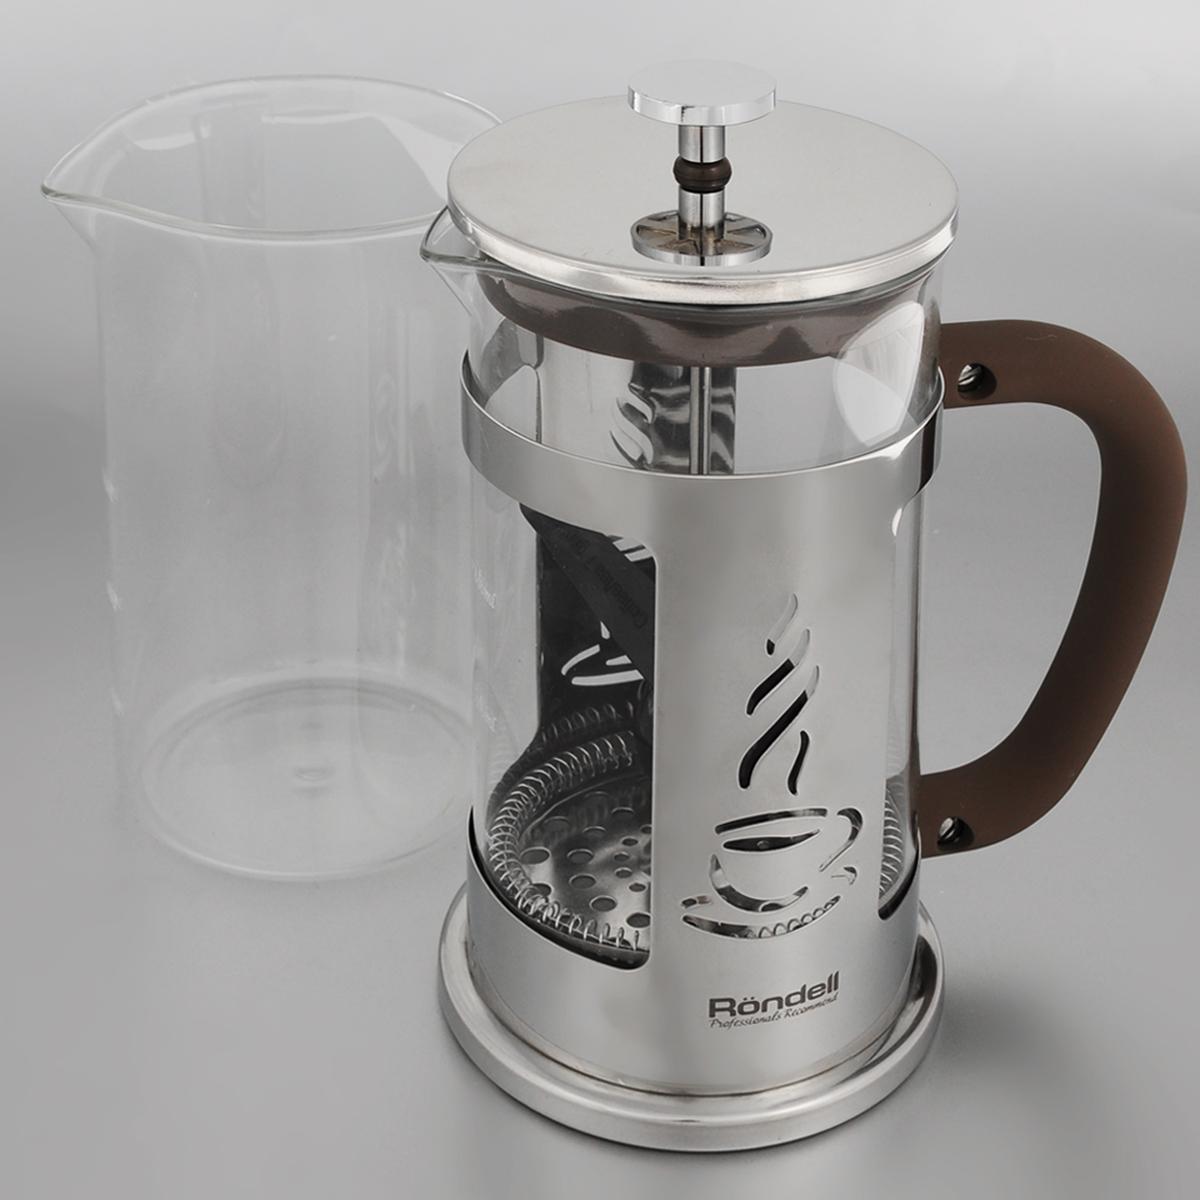 Френч-пресс Rondell Mocco&Latte, с мерной ложкой, со сменной колбой, 1 лRDS-491Френч-пресс Rondell Mocco&Latte изготовлен из высококачественной нержавеющей стали, жаропрочного стекла и пластика. Жаропрочное стекло может выдерживать температуру до 180°С.Засыпая чайную заварку или кофе под фильтр, заливая горячей водой, вы получаете ароматный напиток с оптимальной крепостью и насыщенностью. Остановить процесс заваривания легко, для этого нужно просто опустить поршень, и все уйдет вниз, оставляя вверху напиток, готовый к употреблению. Френч-пресс Rondell Mocco&Latte позволит быстро и просто приготовить свежий и ароматный кофе или чай.В комплект входит сменная колба и мерная ложка.Диаметр френч-пресса по верхнему краю (без учета крышки): 10 см. Высота френч-пресса: 24 см. Длина ложки: 10 см.Диаметр рабочей поверхности ложки: 4,5 см.